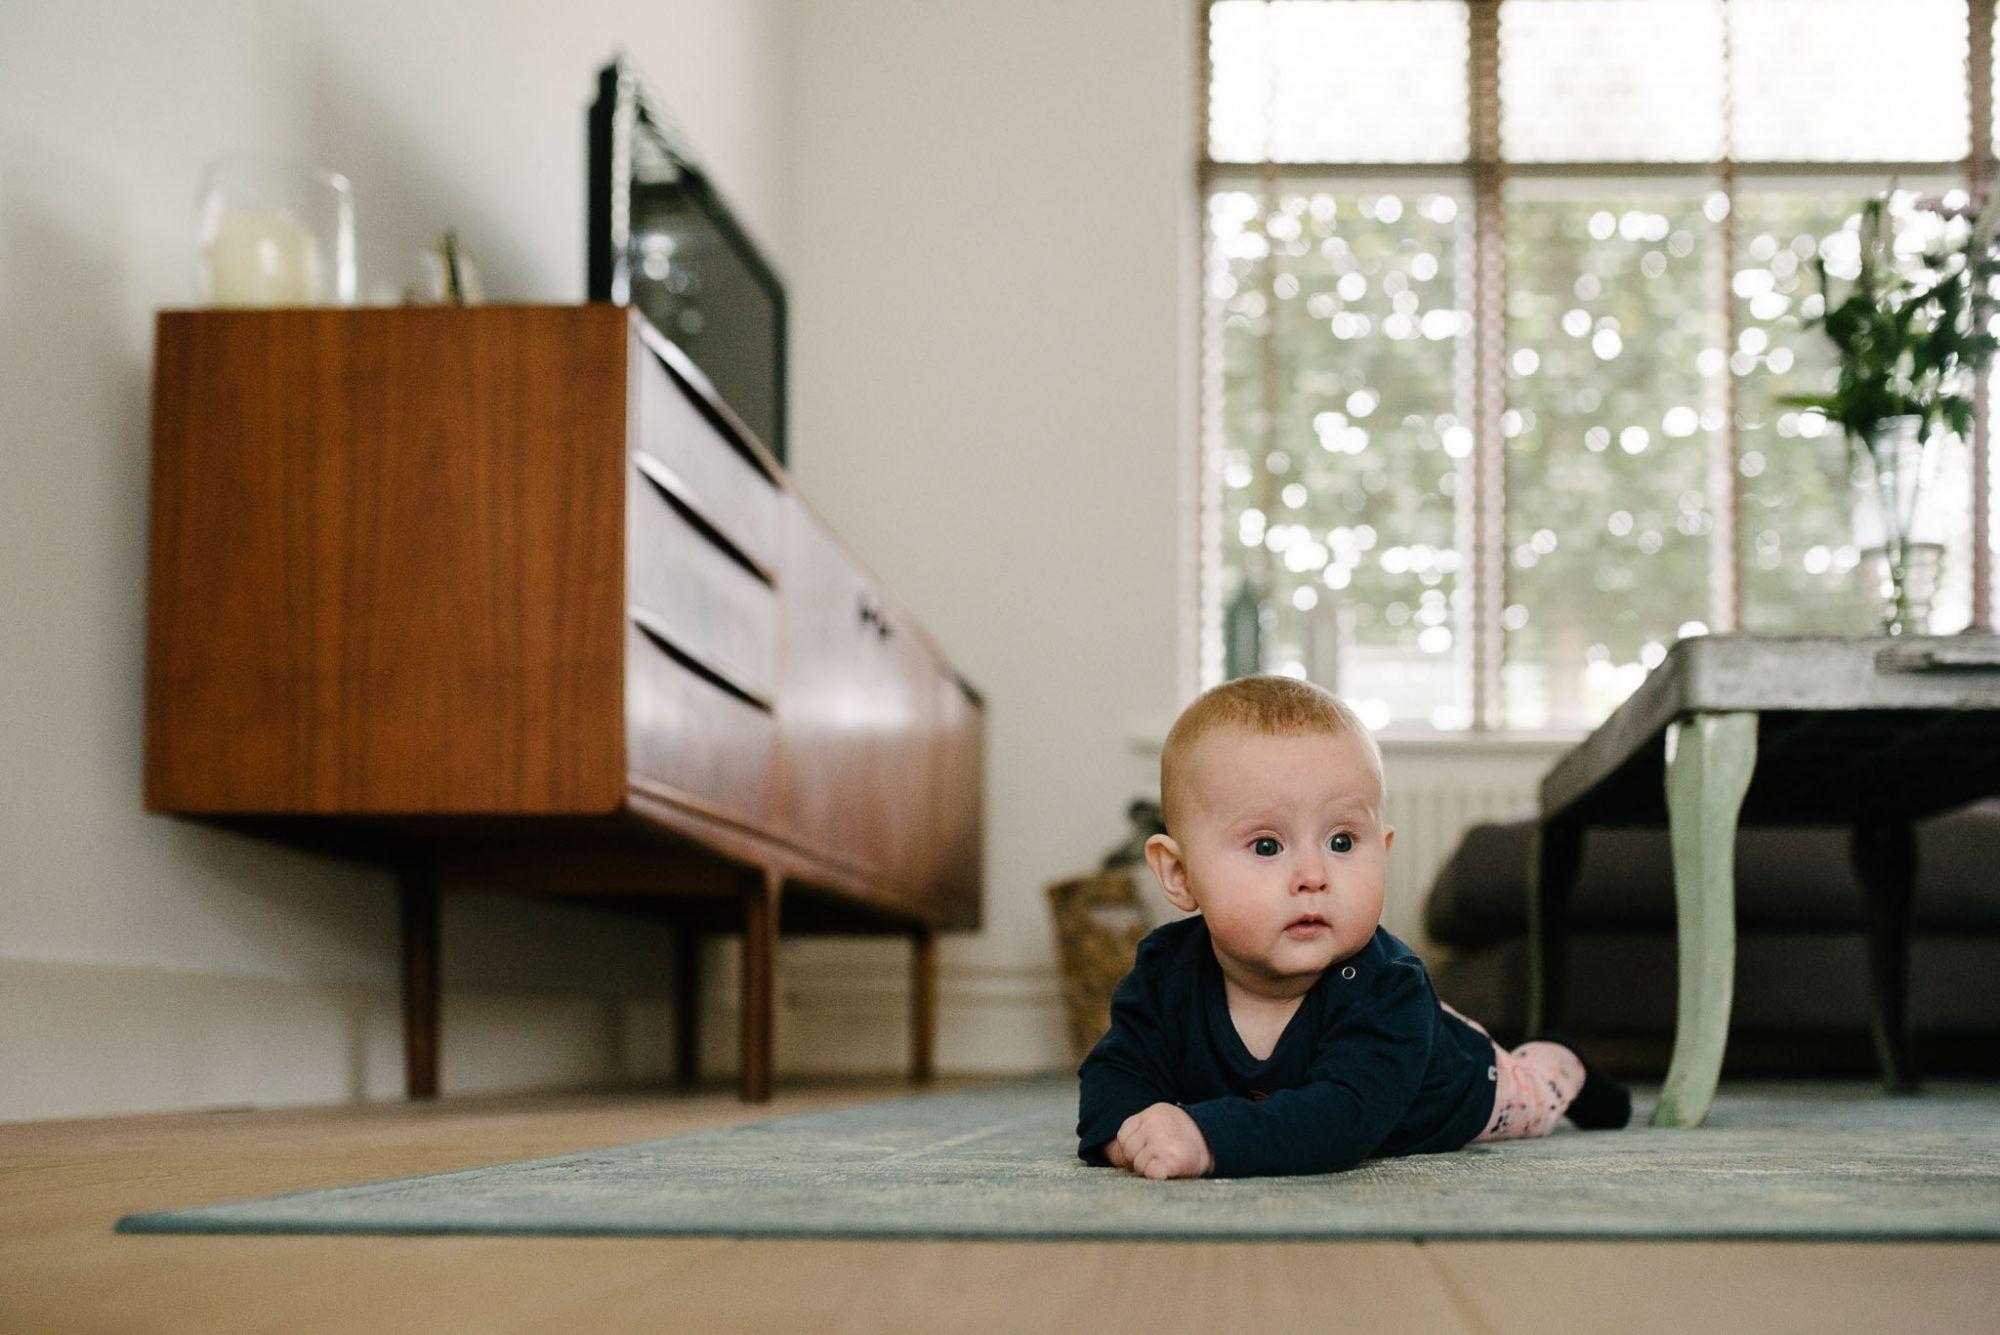 babyfotograaf ongeposeerd